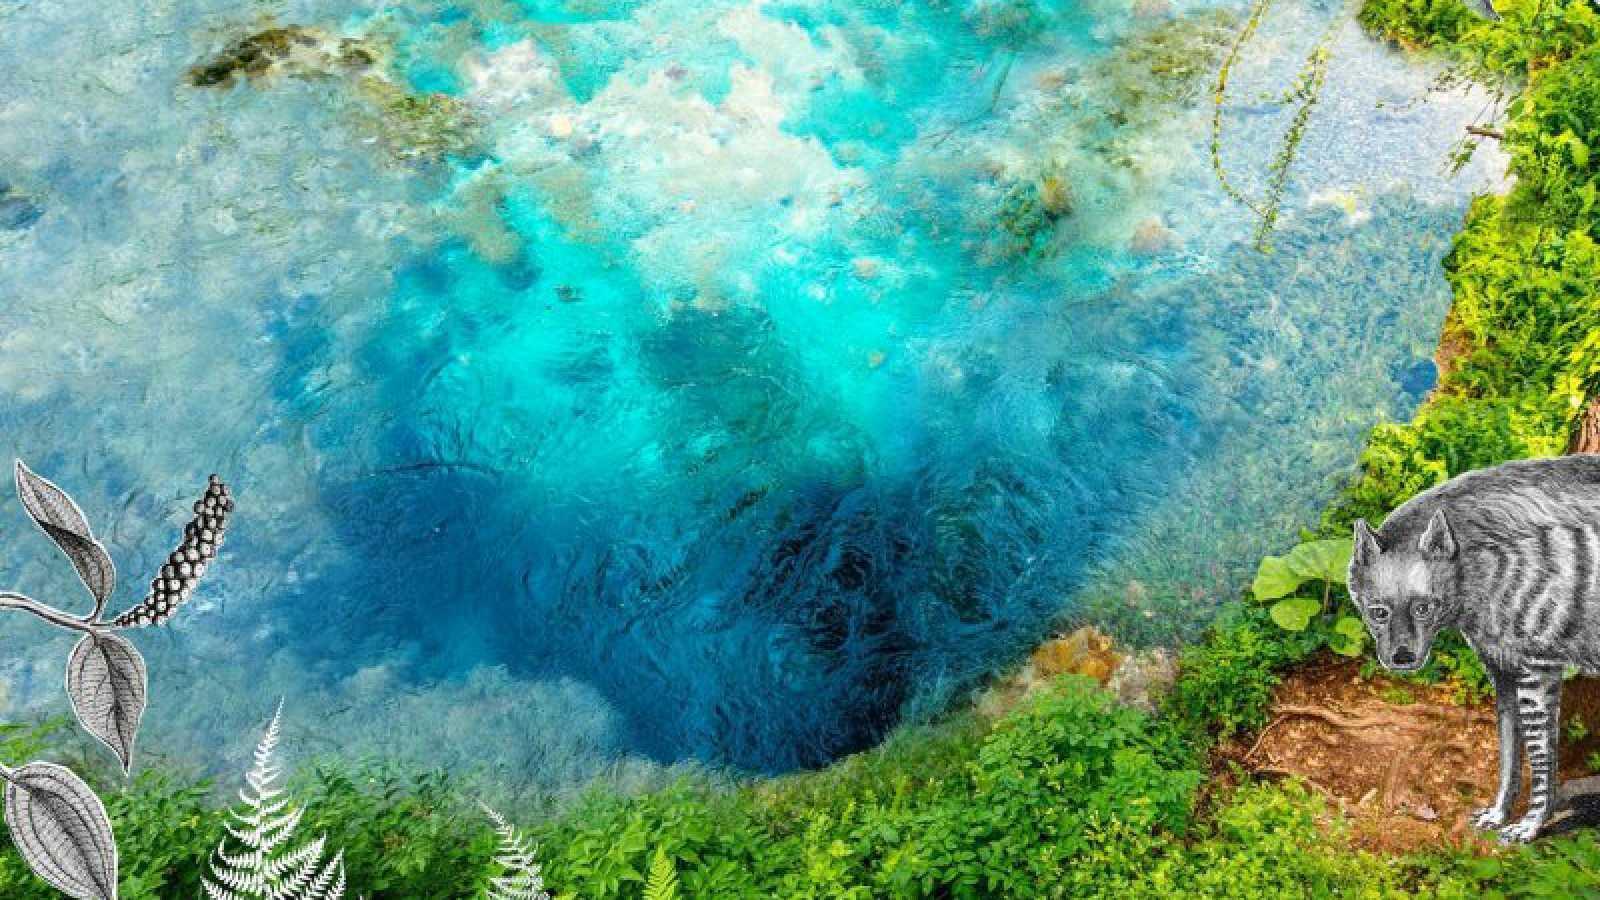 Vida verde - 'Claves EcoFeminsitas', libro divulgativo de Alicia H. Puleo - 27/04/19 - escuchar ahora